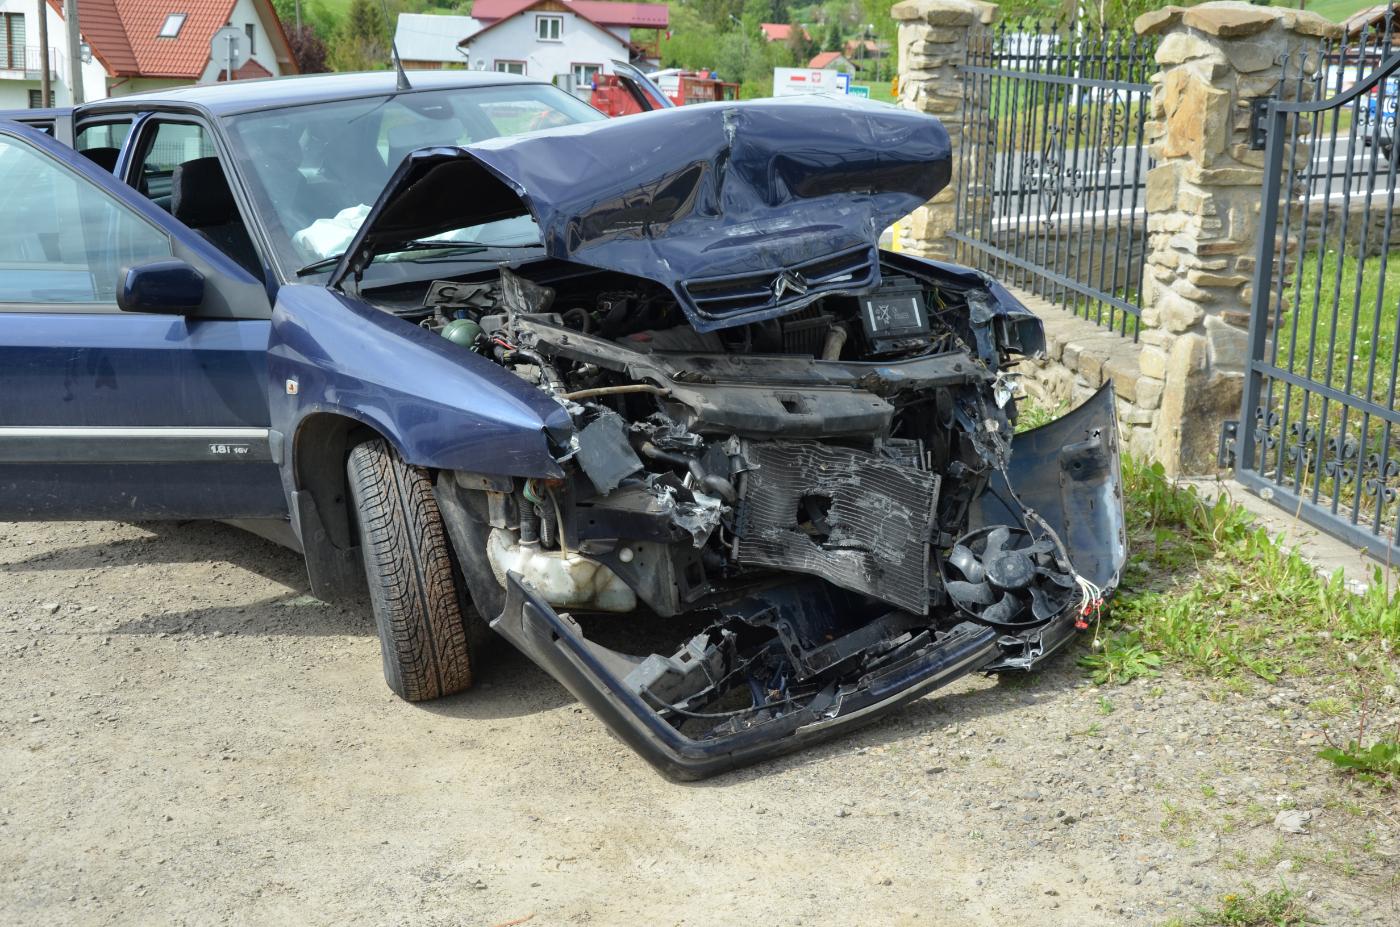 WUJSKIE: Najechanie na tył pojazdu. Jedna osoba poszkodowana [ZDJĘCIA] - Zdjęcie główne